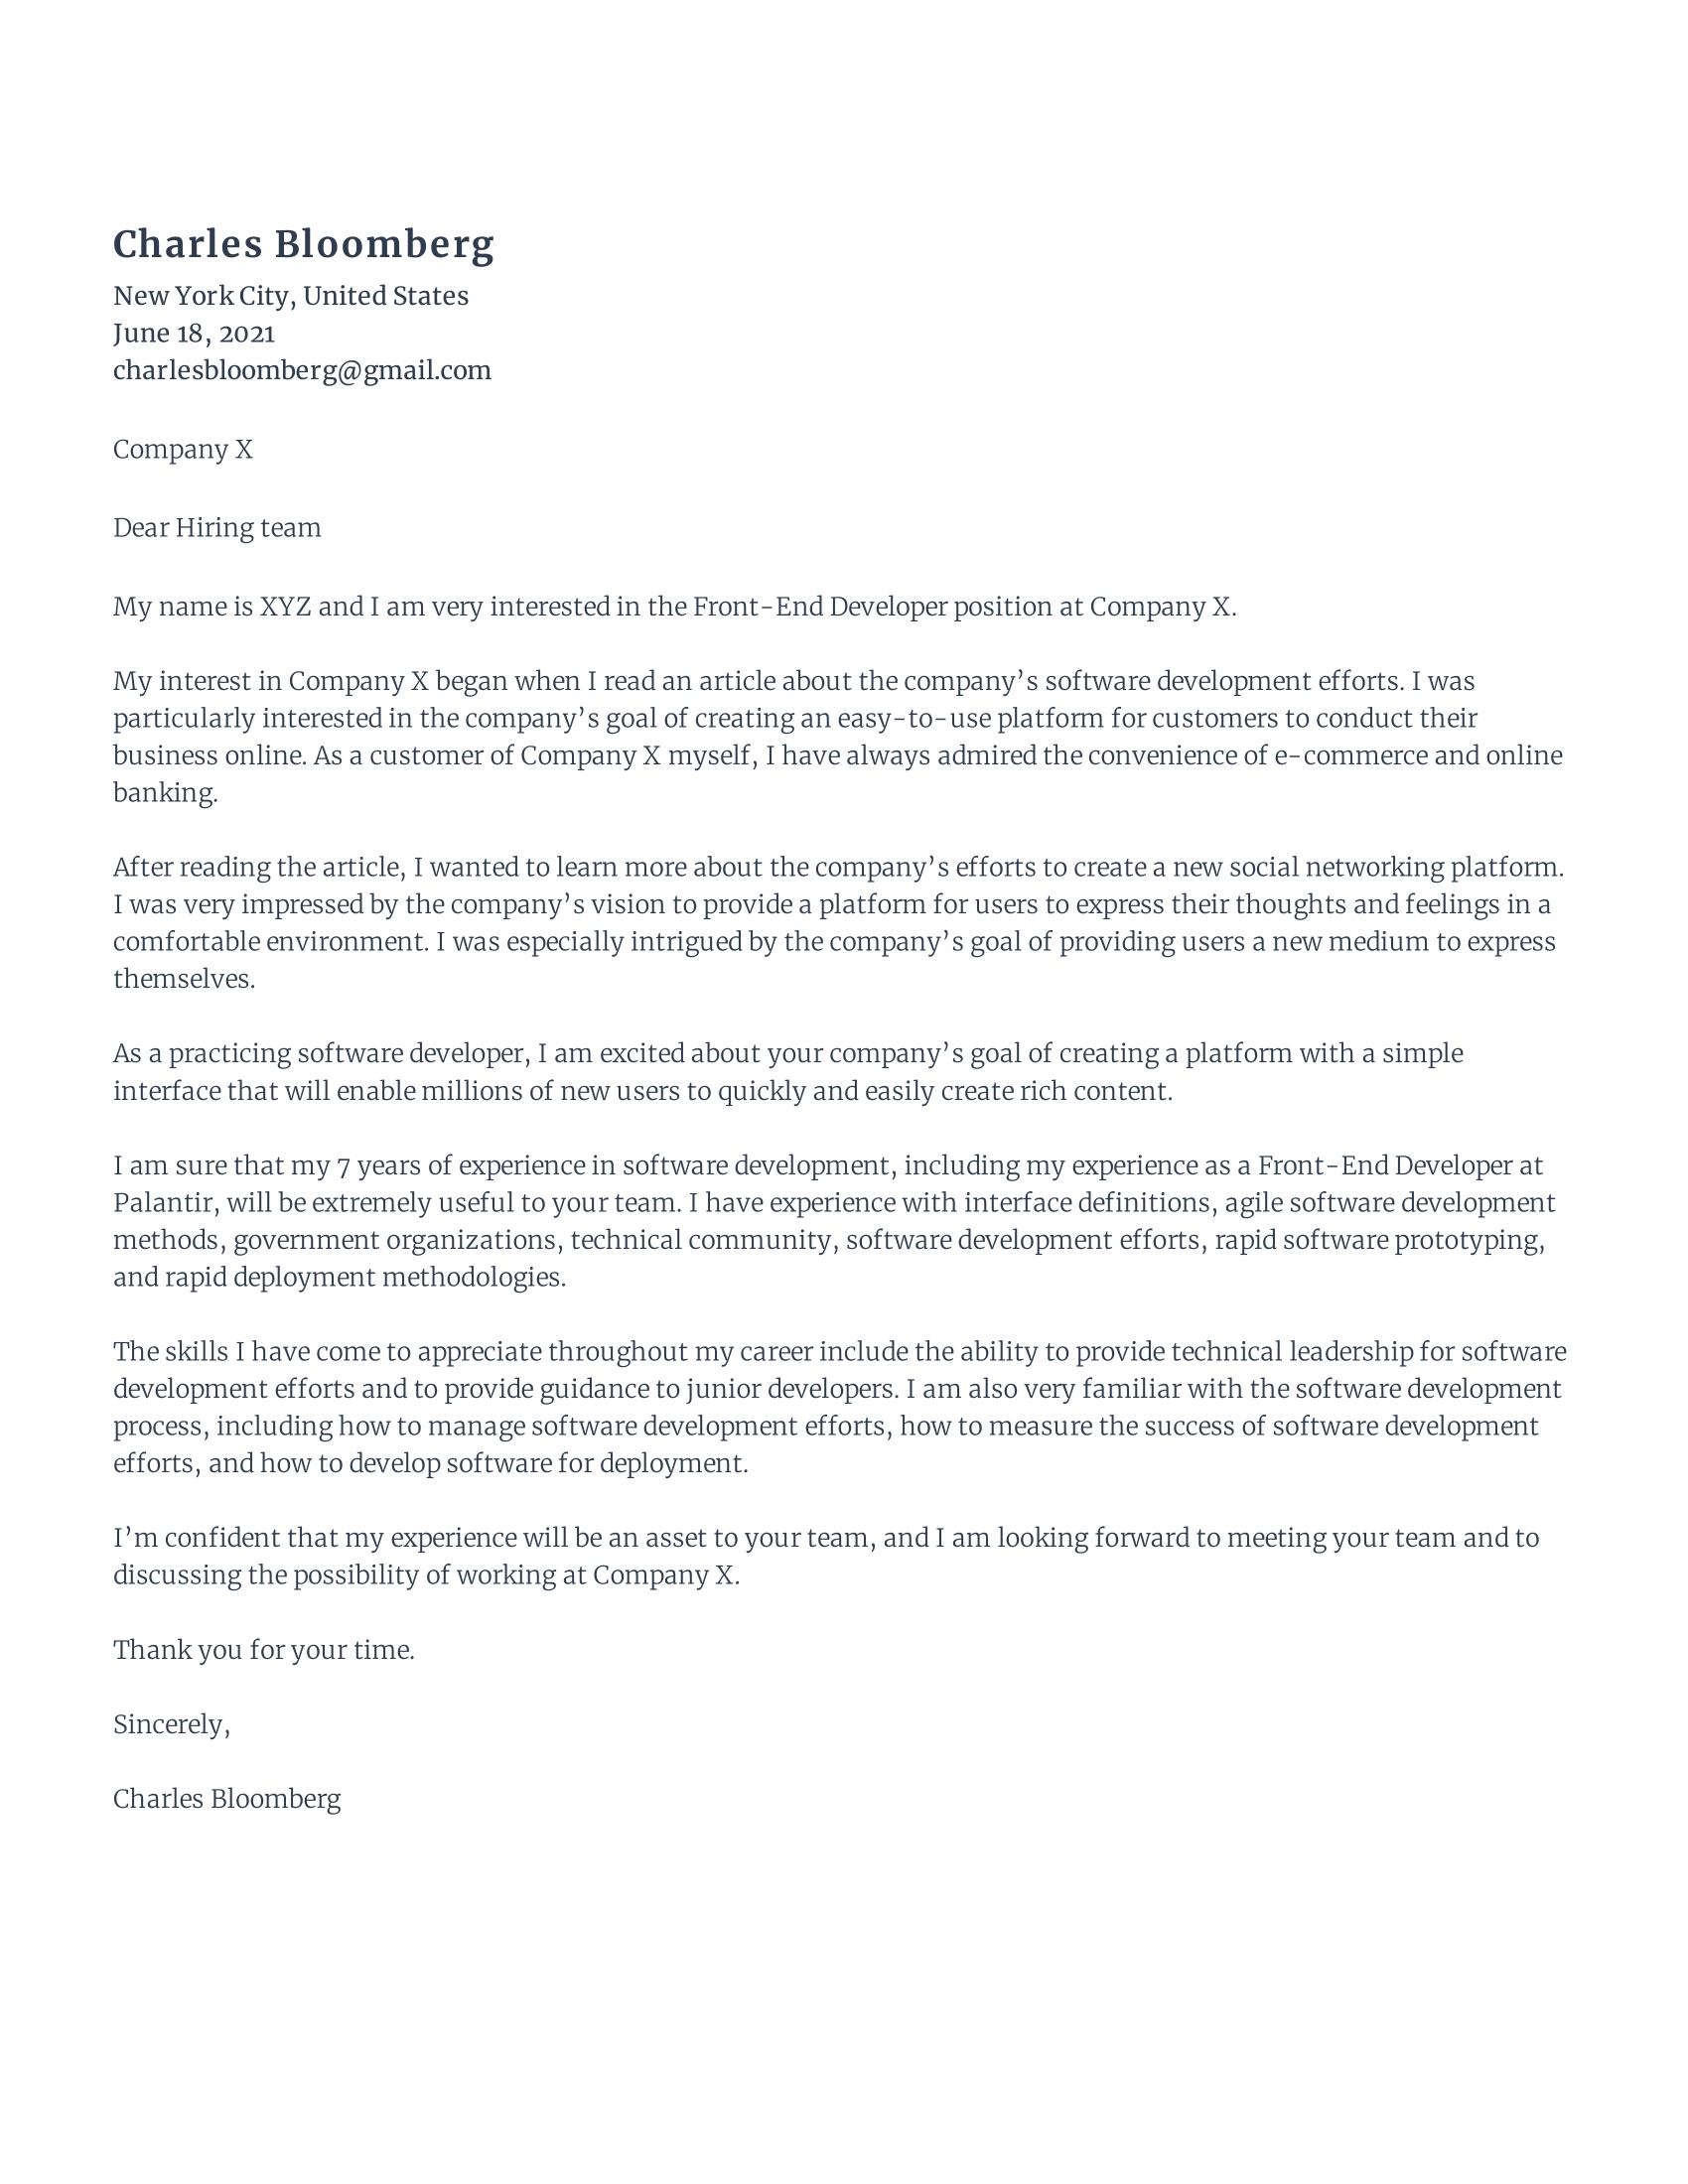 Front-End Developer Cover Letter